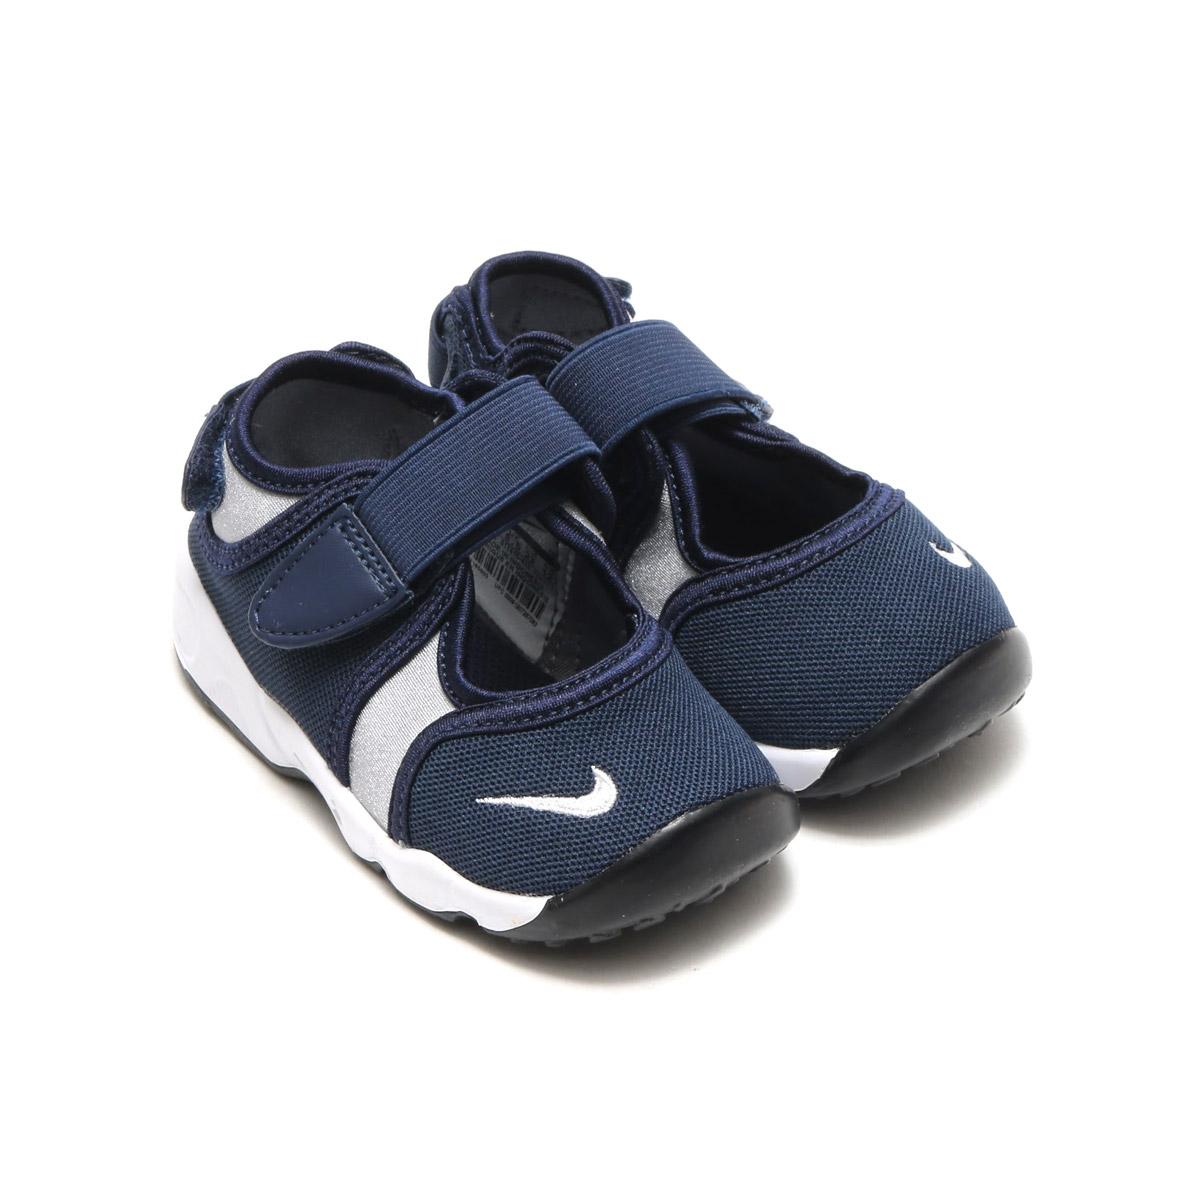 963a238758b nike sandals acg nike design nike air max 90 romania